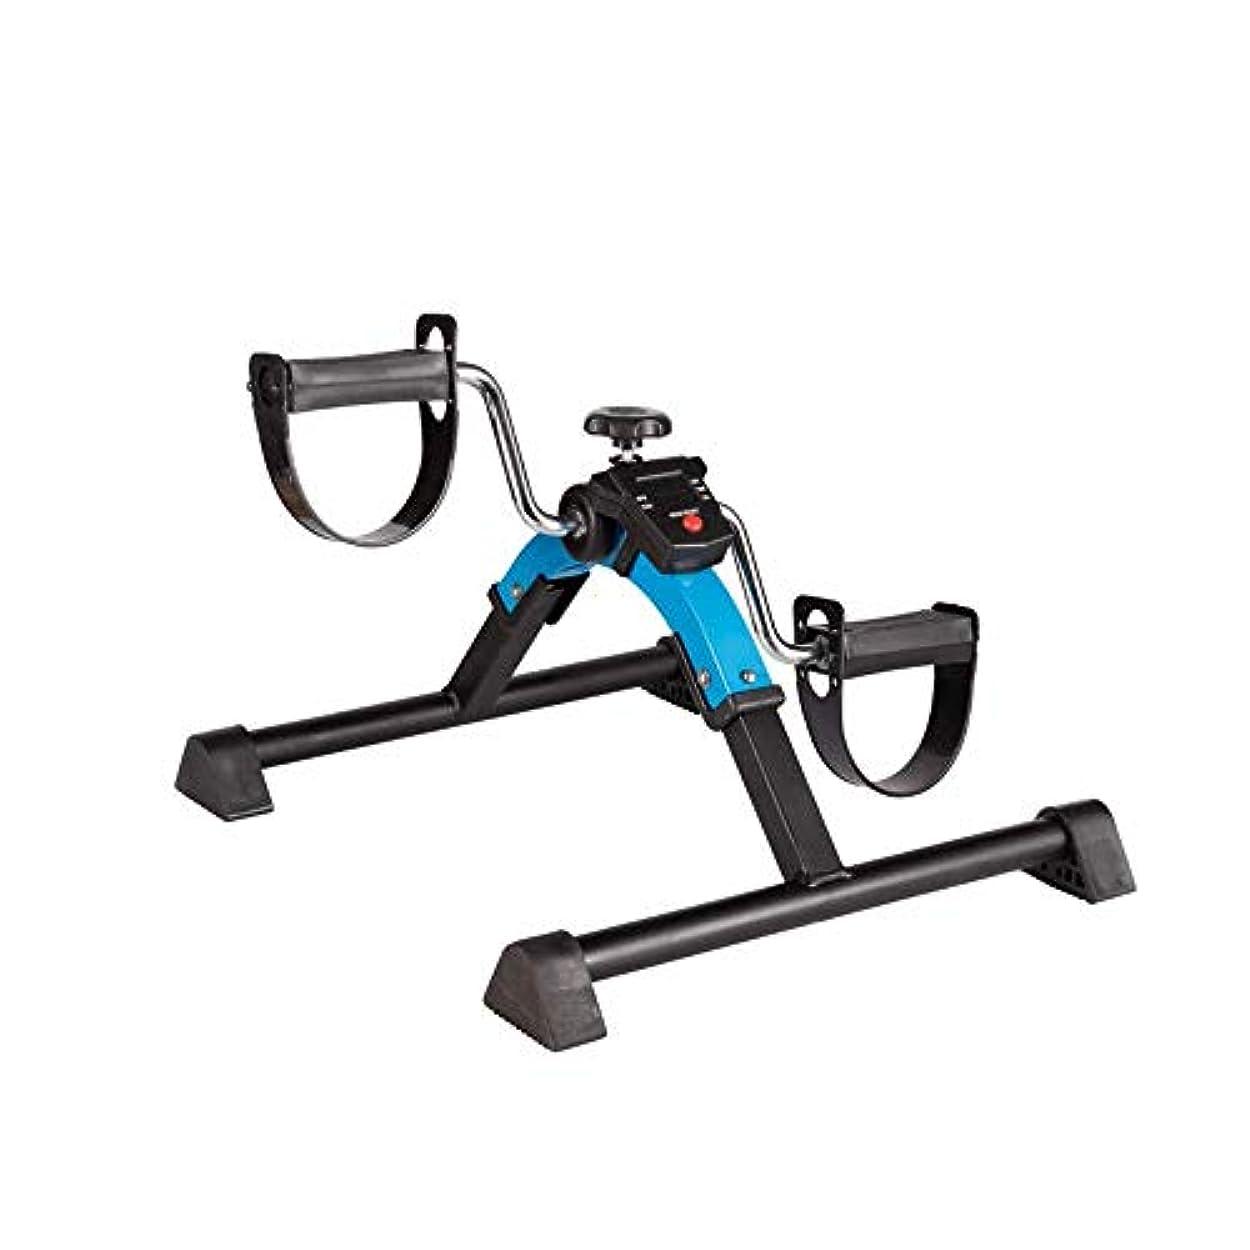 勤勉倒産速い上肢および下肢エクササイズペダル、レッグマシン、リハビリトレーニング機器、脳卒中、片麻痺、手足、二重使用自転車